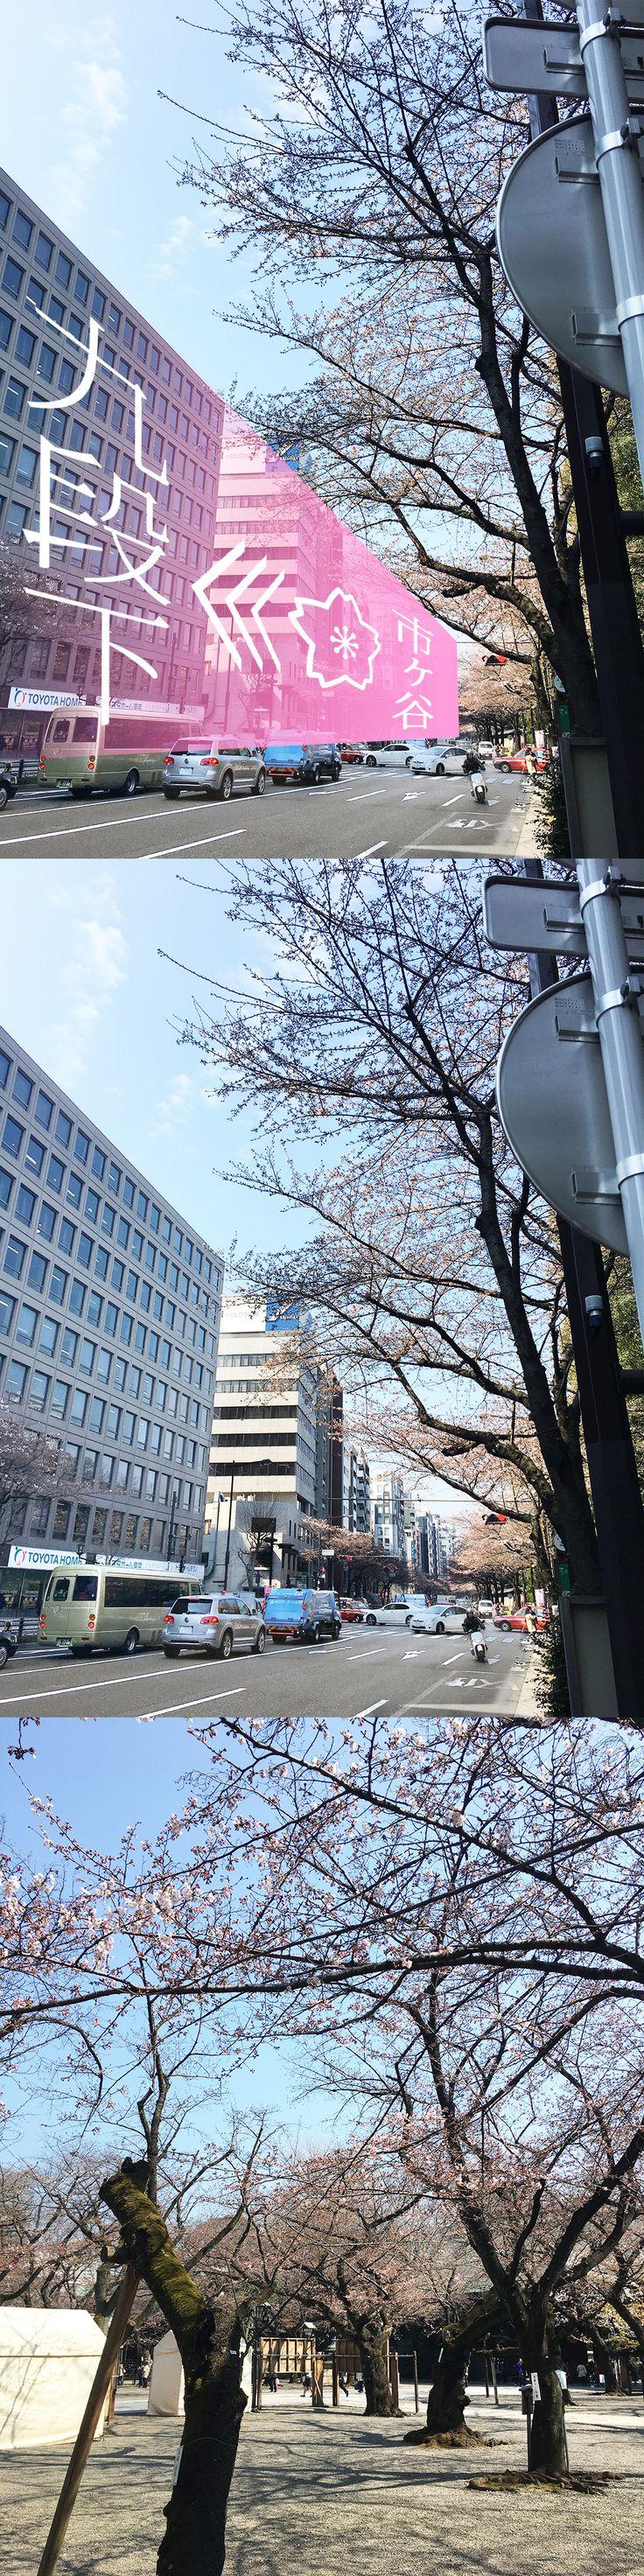 【編集者M】編集長が面白い 桜の傾向に気が付きました靖国通りの桜は市ヶ谷から九段下に向かって、徐々に咲いていっているみたい!?とのことです。どうなんでしょうか⁉本当だとしたら、なんだかファンタジックですね~✨✨✨靖国神社の桜はまだまだの様子でした